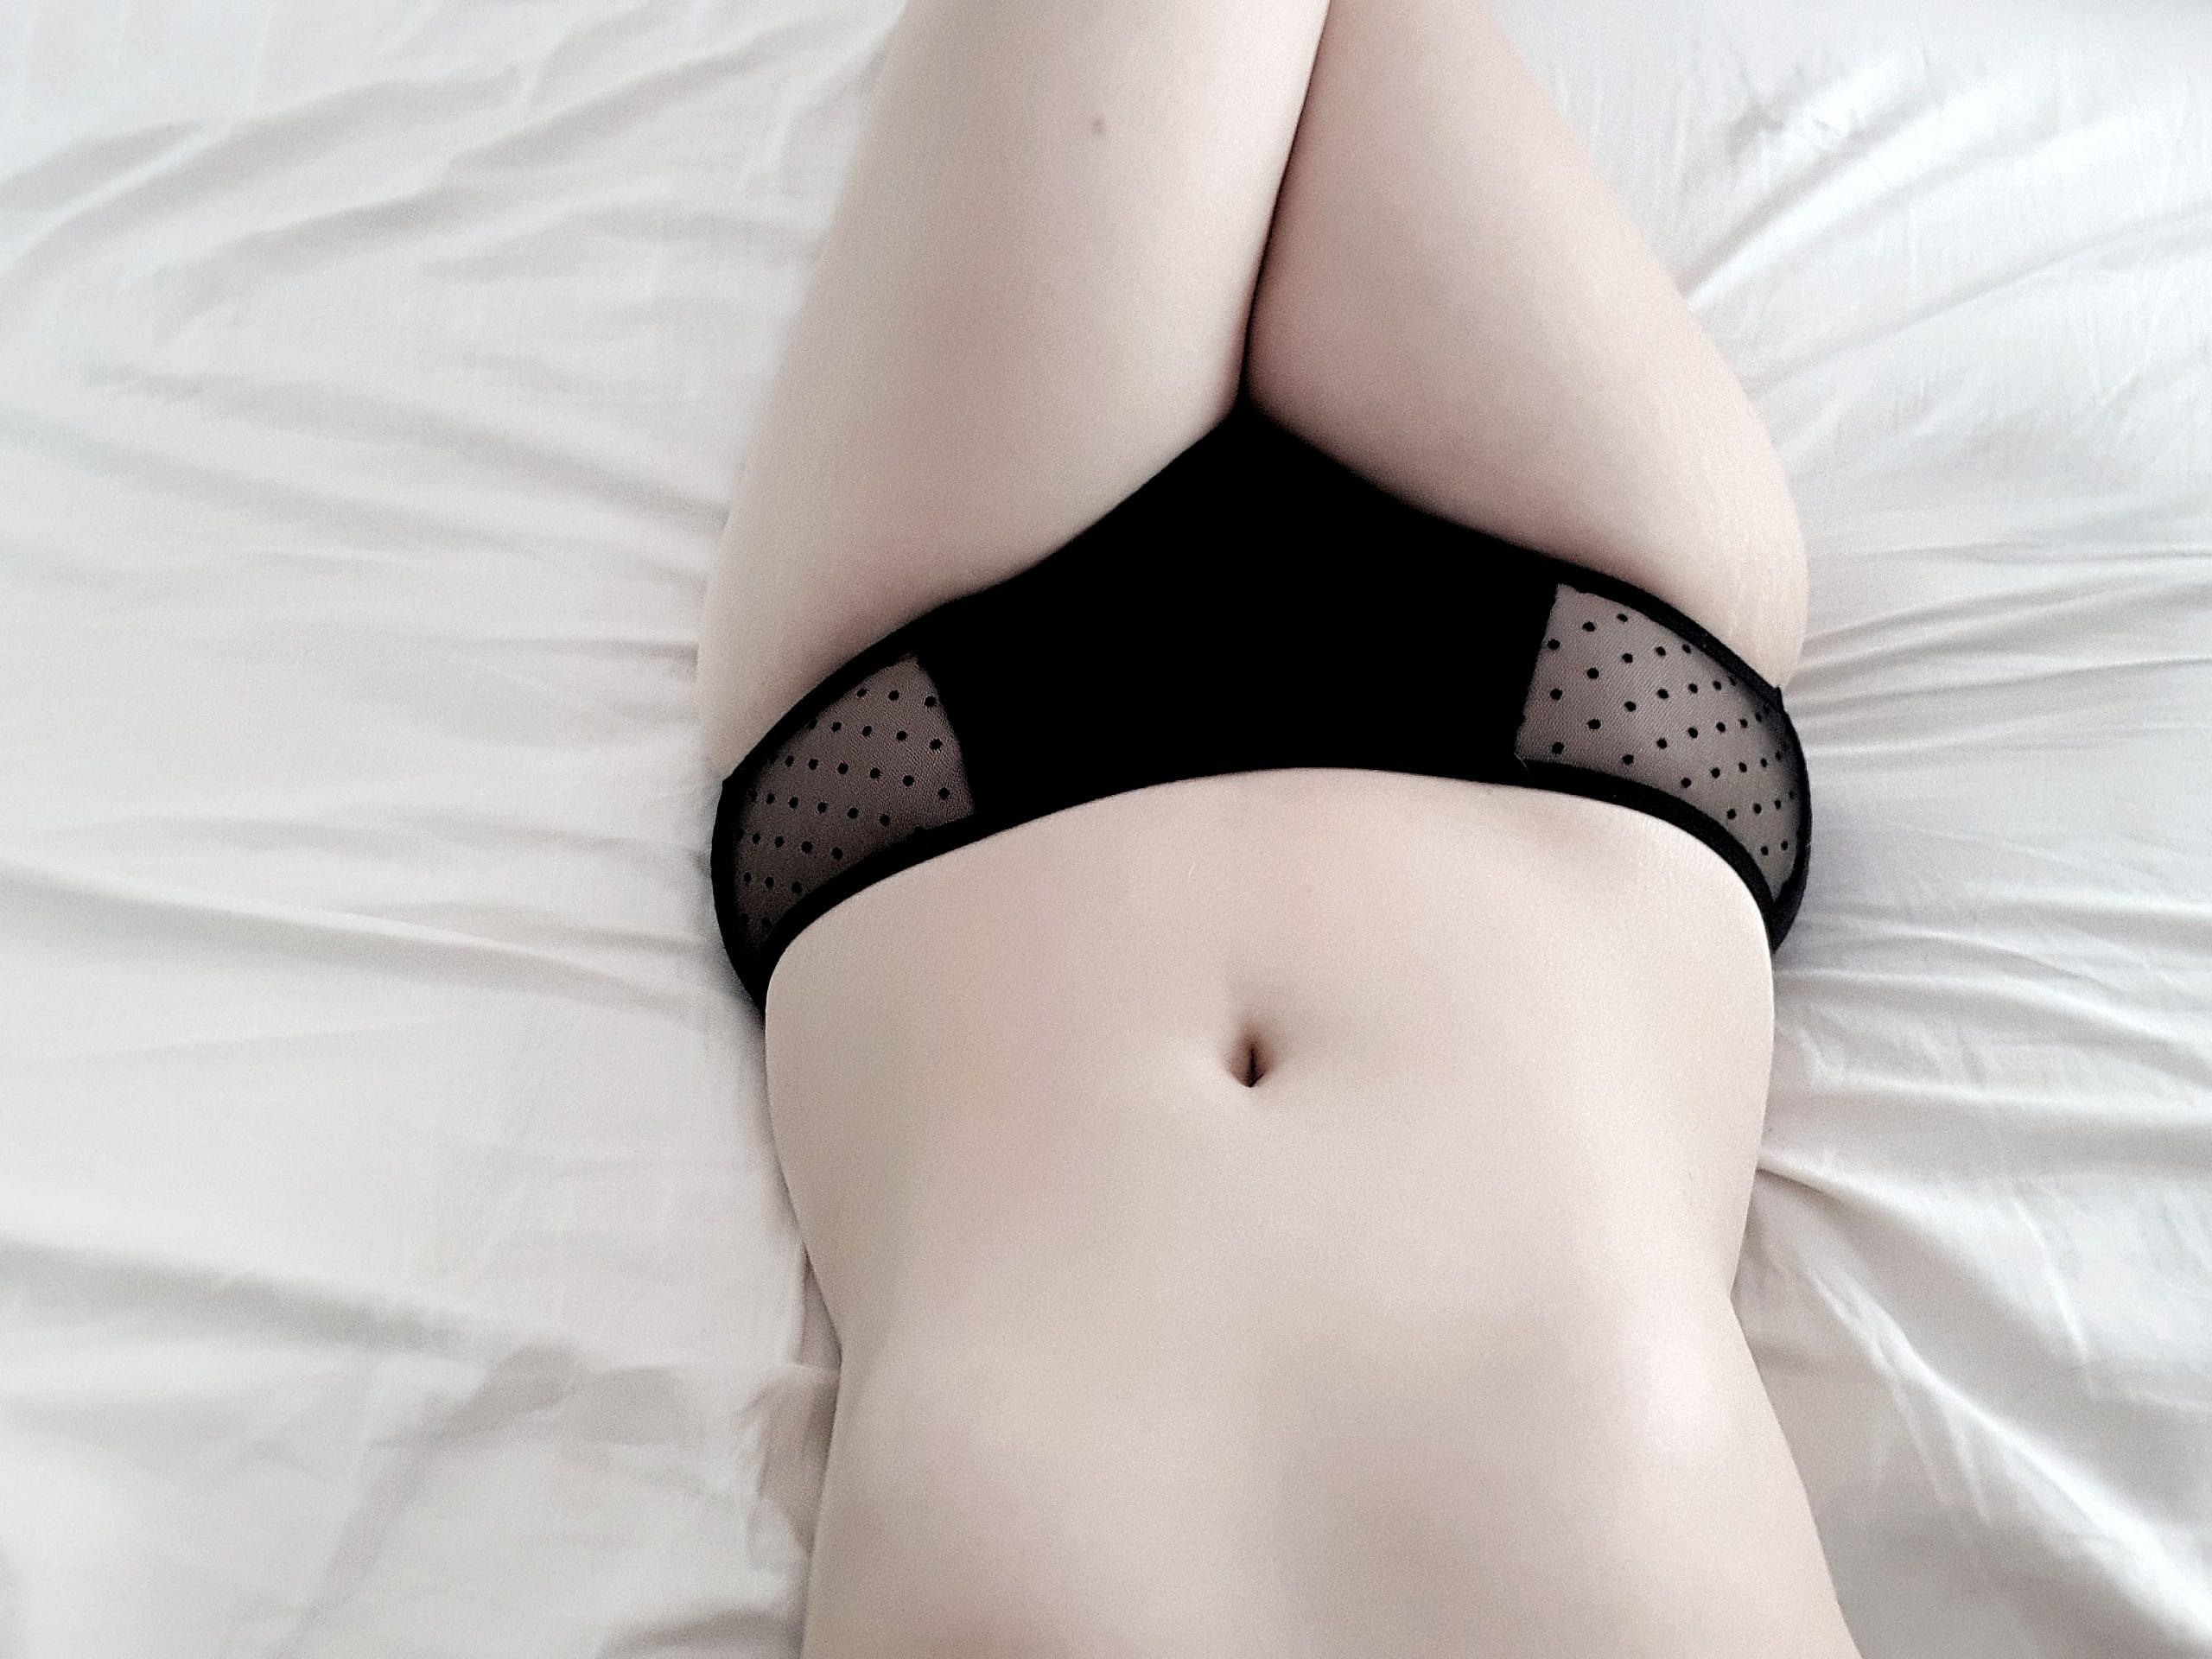 avis-culotte-menstruelle-socup-splendea